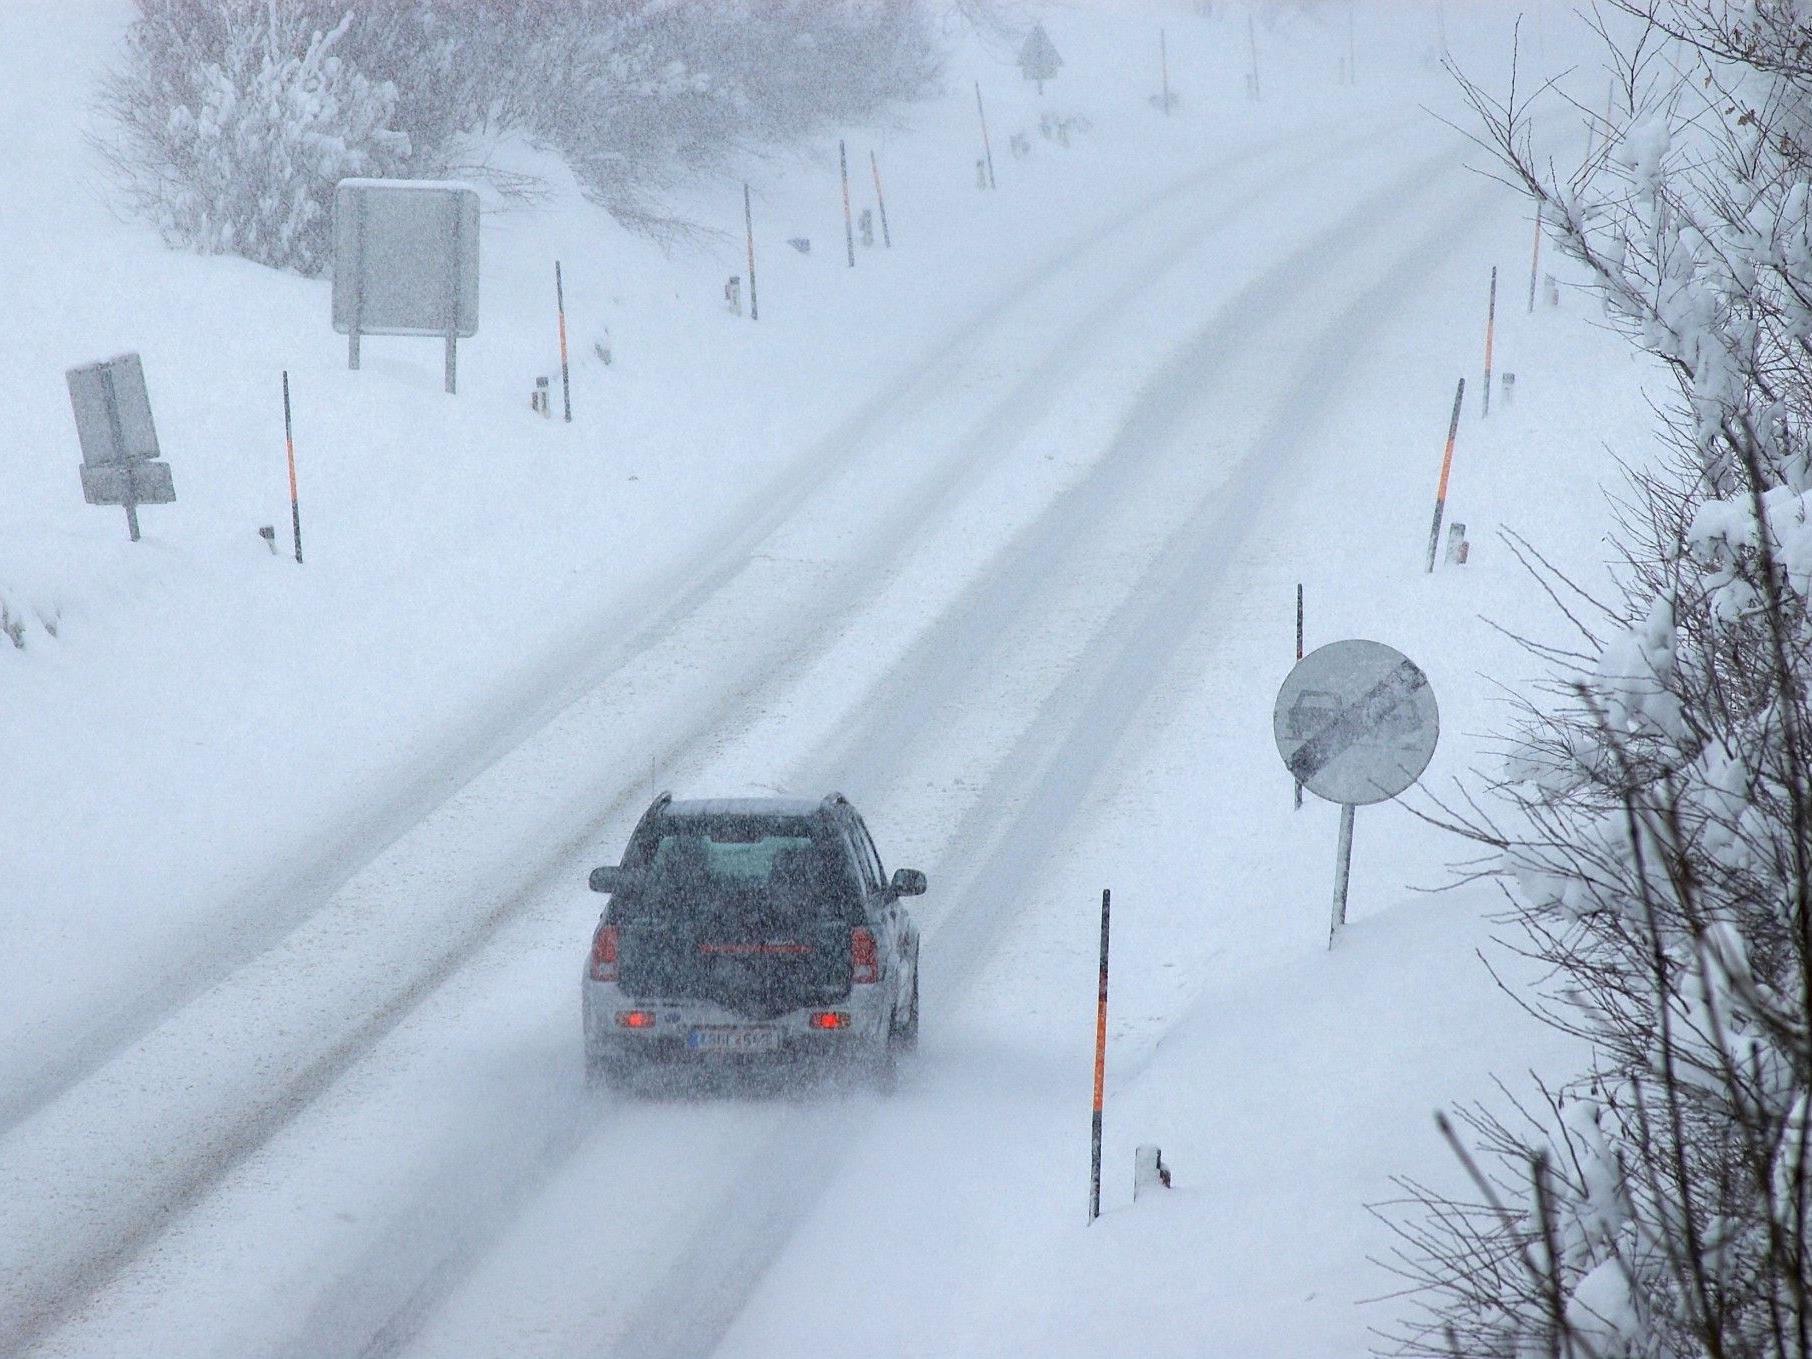 Bei winterlichen Fahrverhältnissen kam es auf der B99 zu einem Crash zwischen einem Pkw und einem Reisebus.